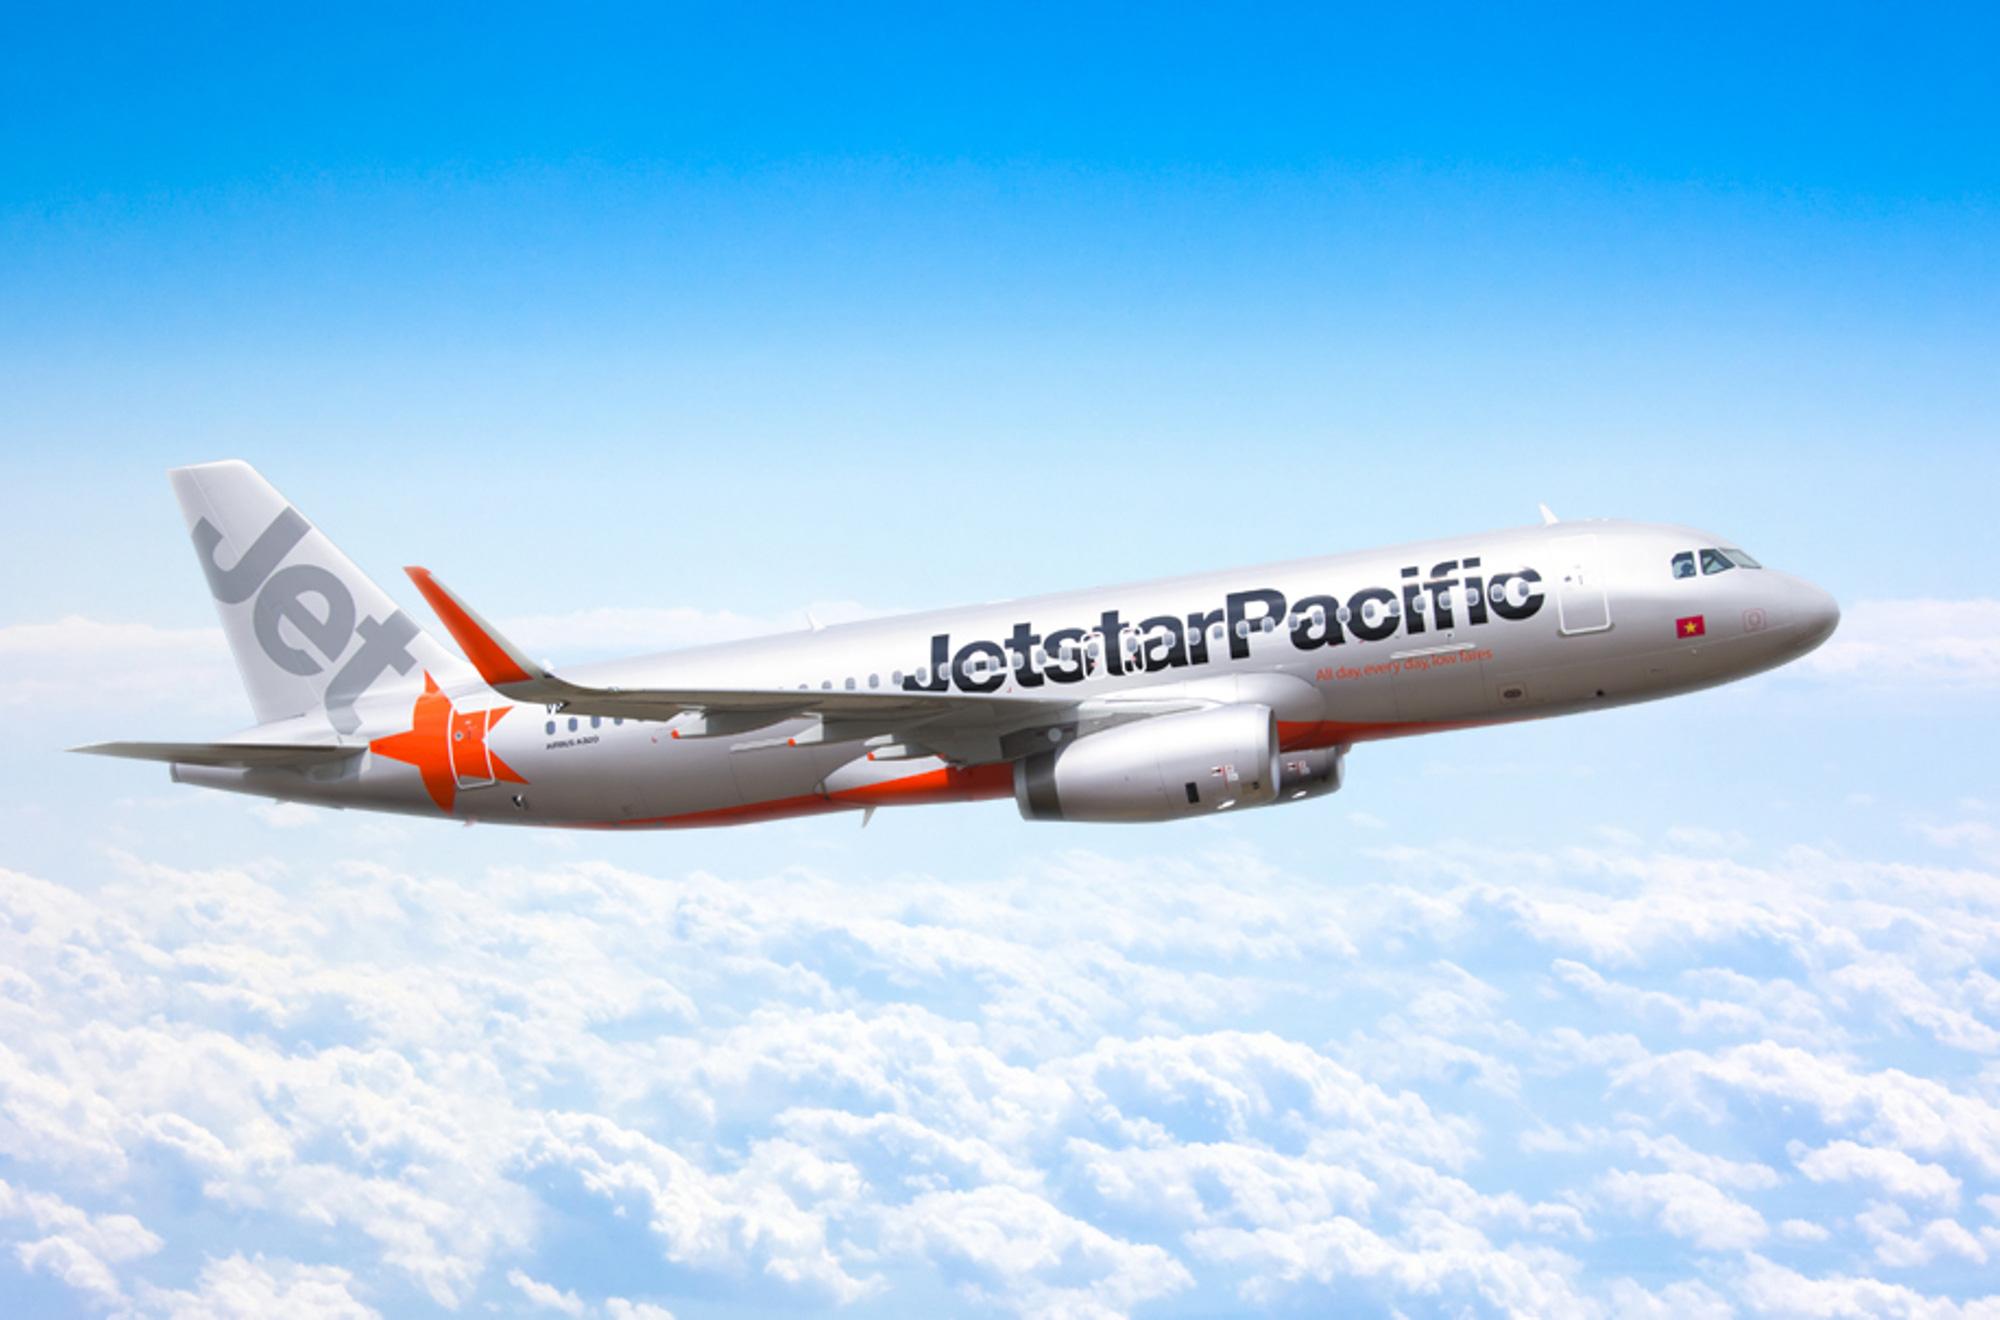 Kích cầu du khách, Jetstar Pacific tung khuyến mãi mua 4 hoàn 1 vé cho các chuyến bay nội địa - Ảnh 1.